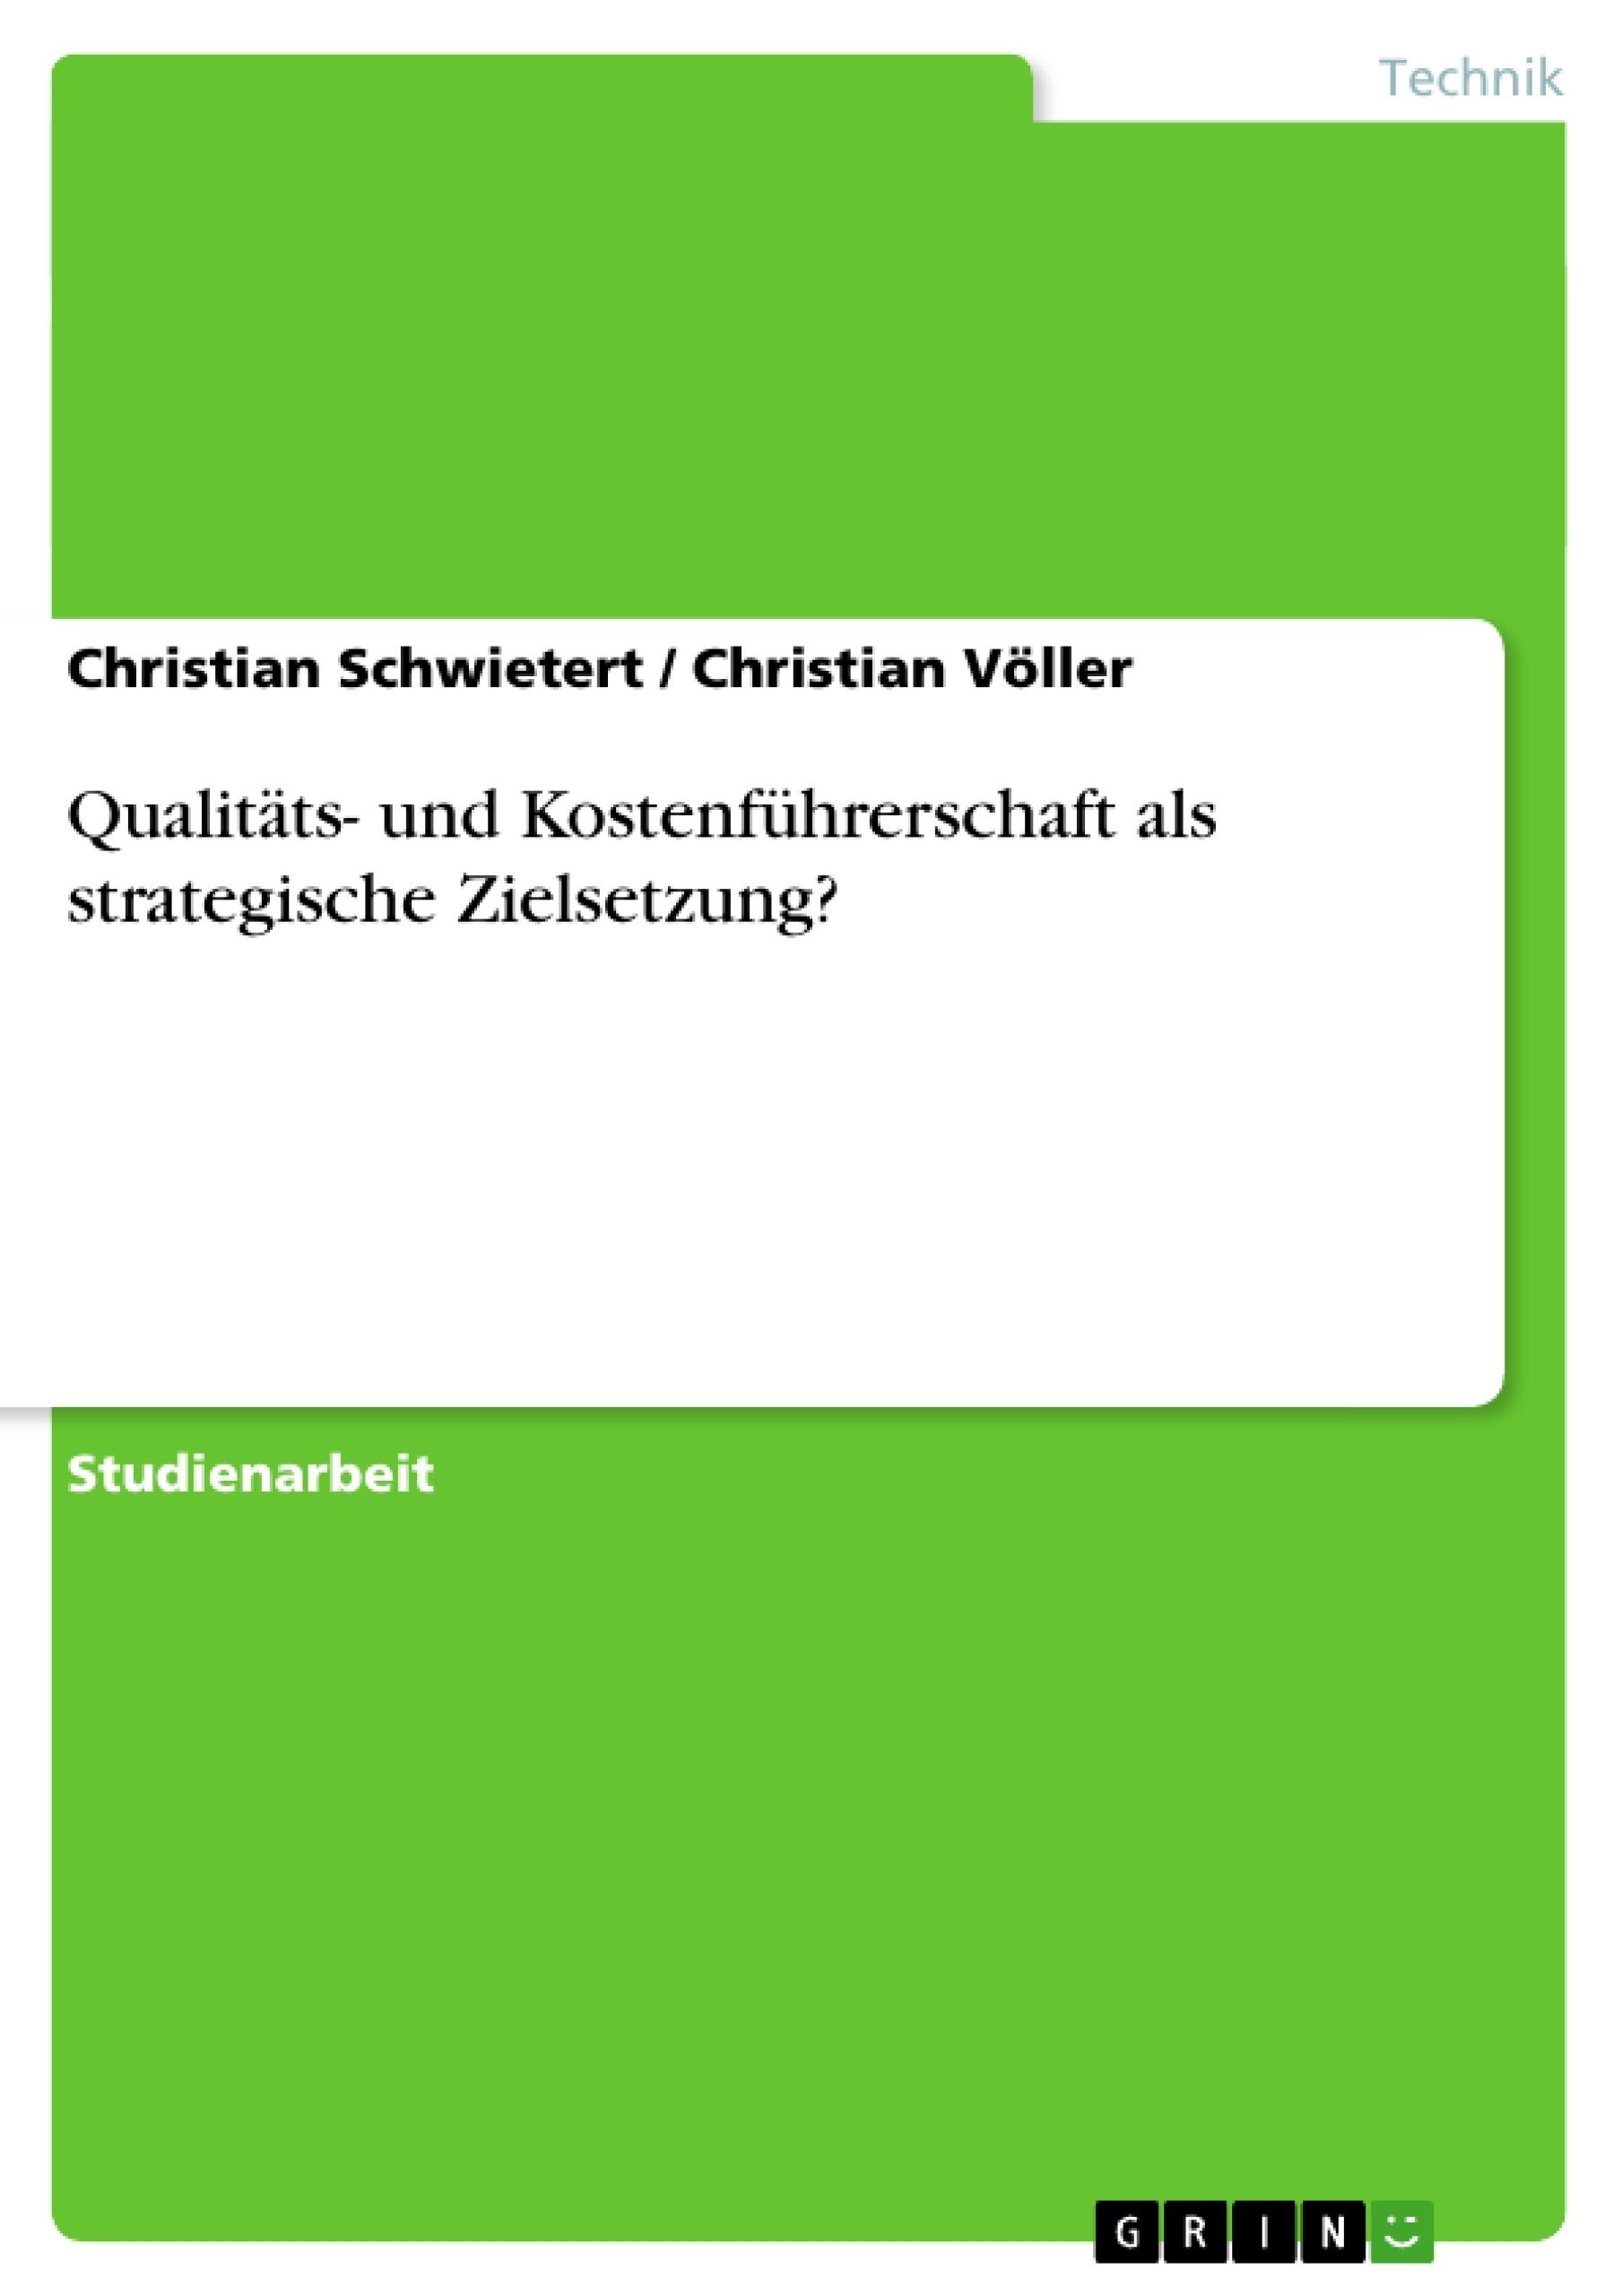 Titel: Qualitäts- und Kostenführerschaft als strategische Zielsetzung?